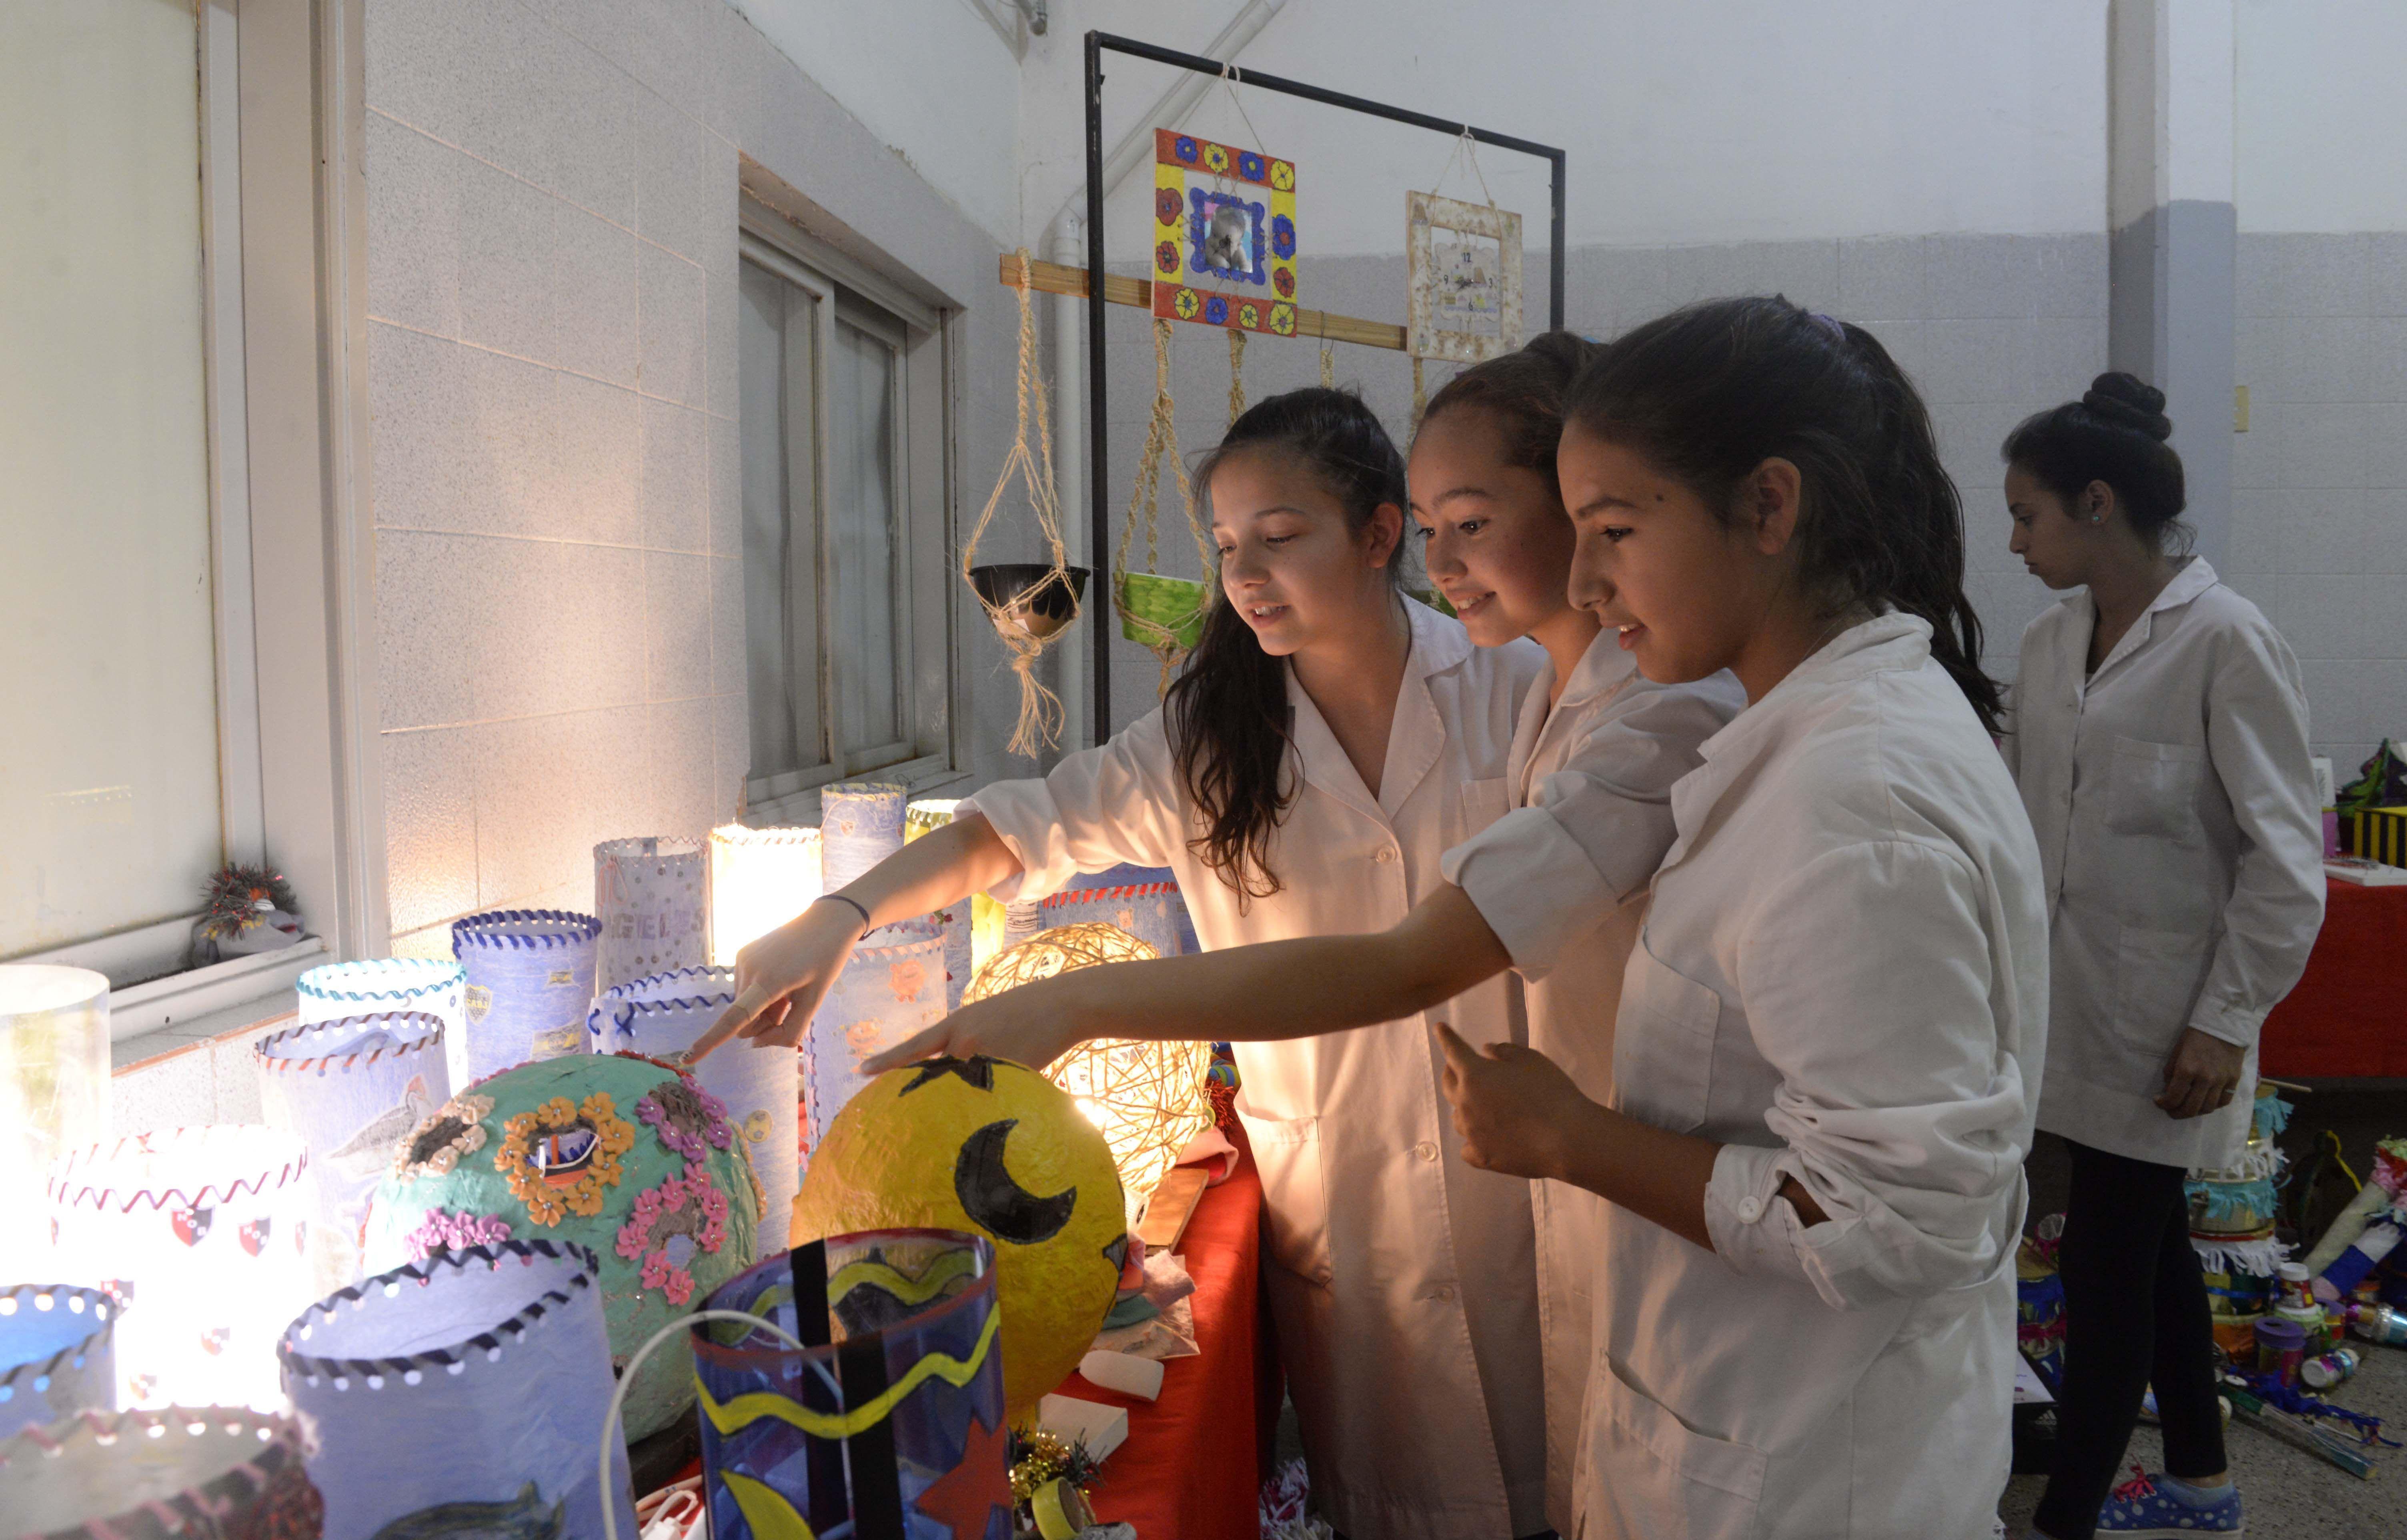 Chicos y chicas compartieron durante dos jornadas las producciones tecnológicas y artísticas. (Silvina Salinas / La Capital)